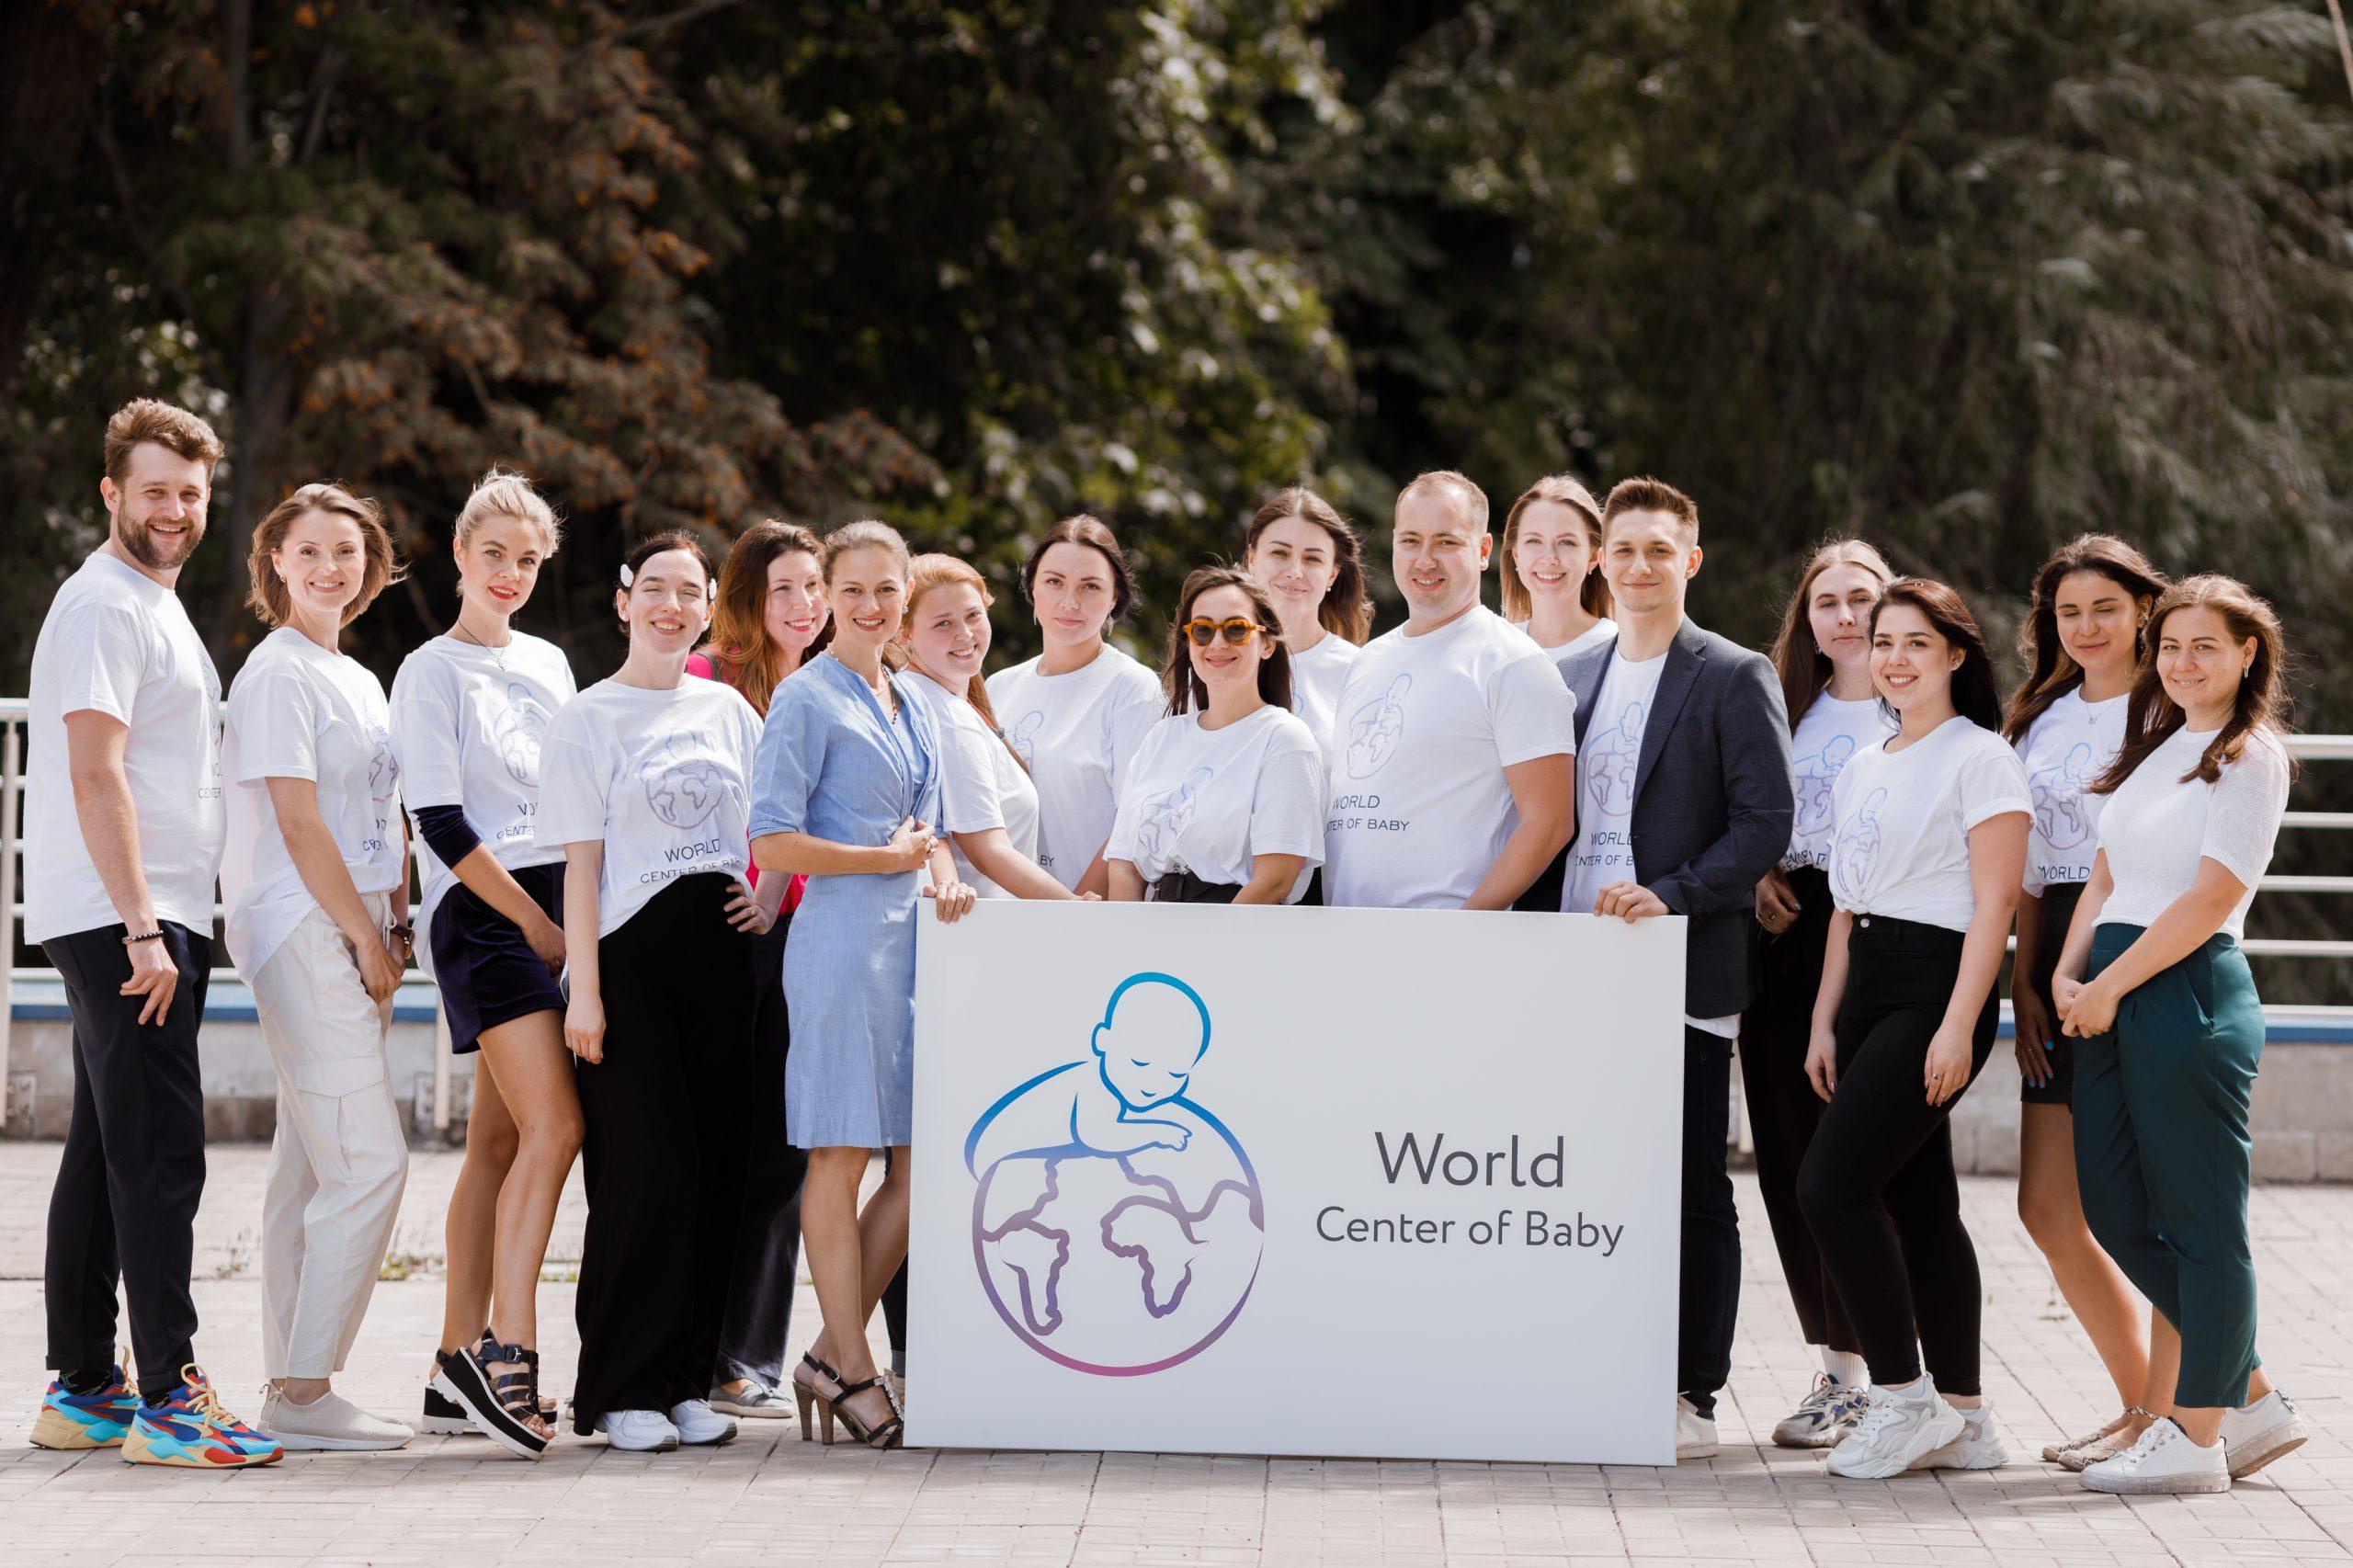 Une agence de maternité de substitution en Ukraine World Center of Baby